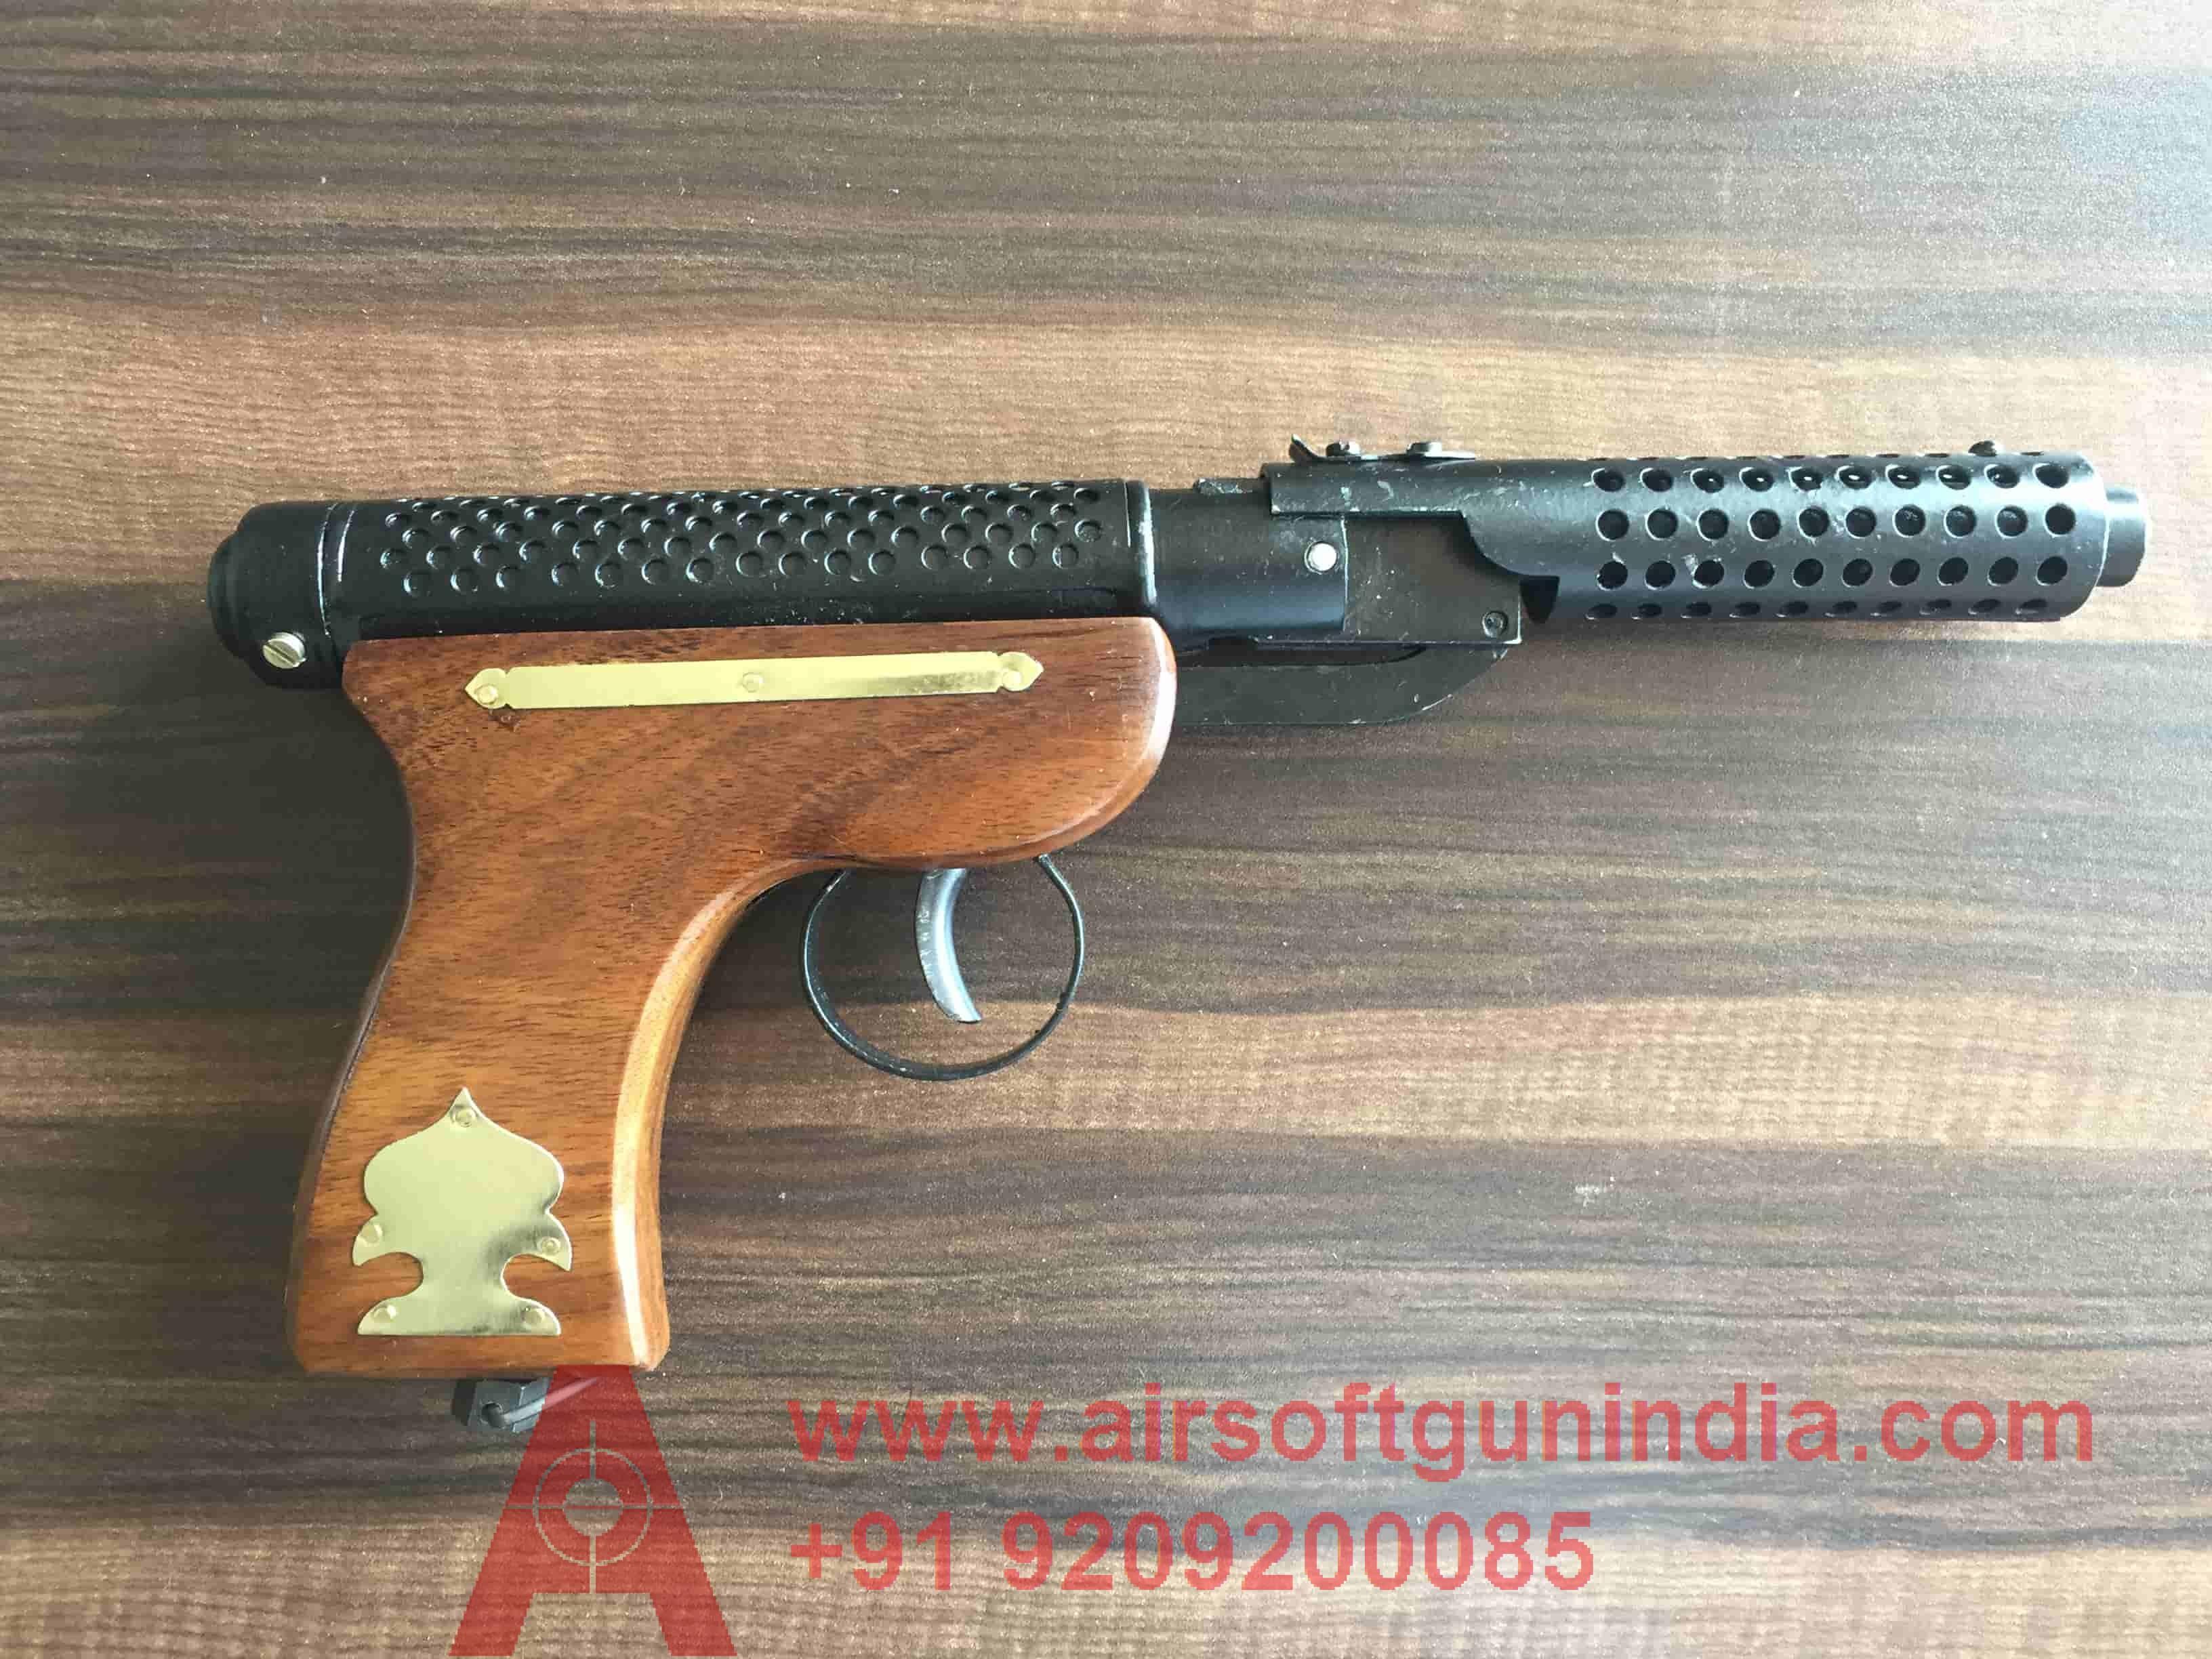 Bullet Mark 2 BM-2 Wooden Handle Air Pistol